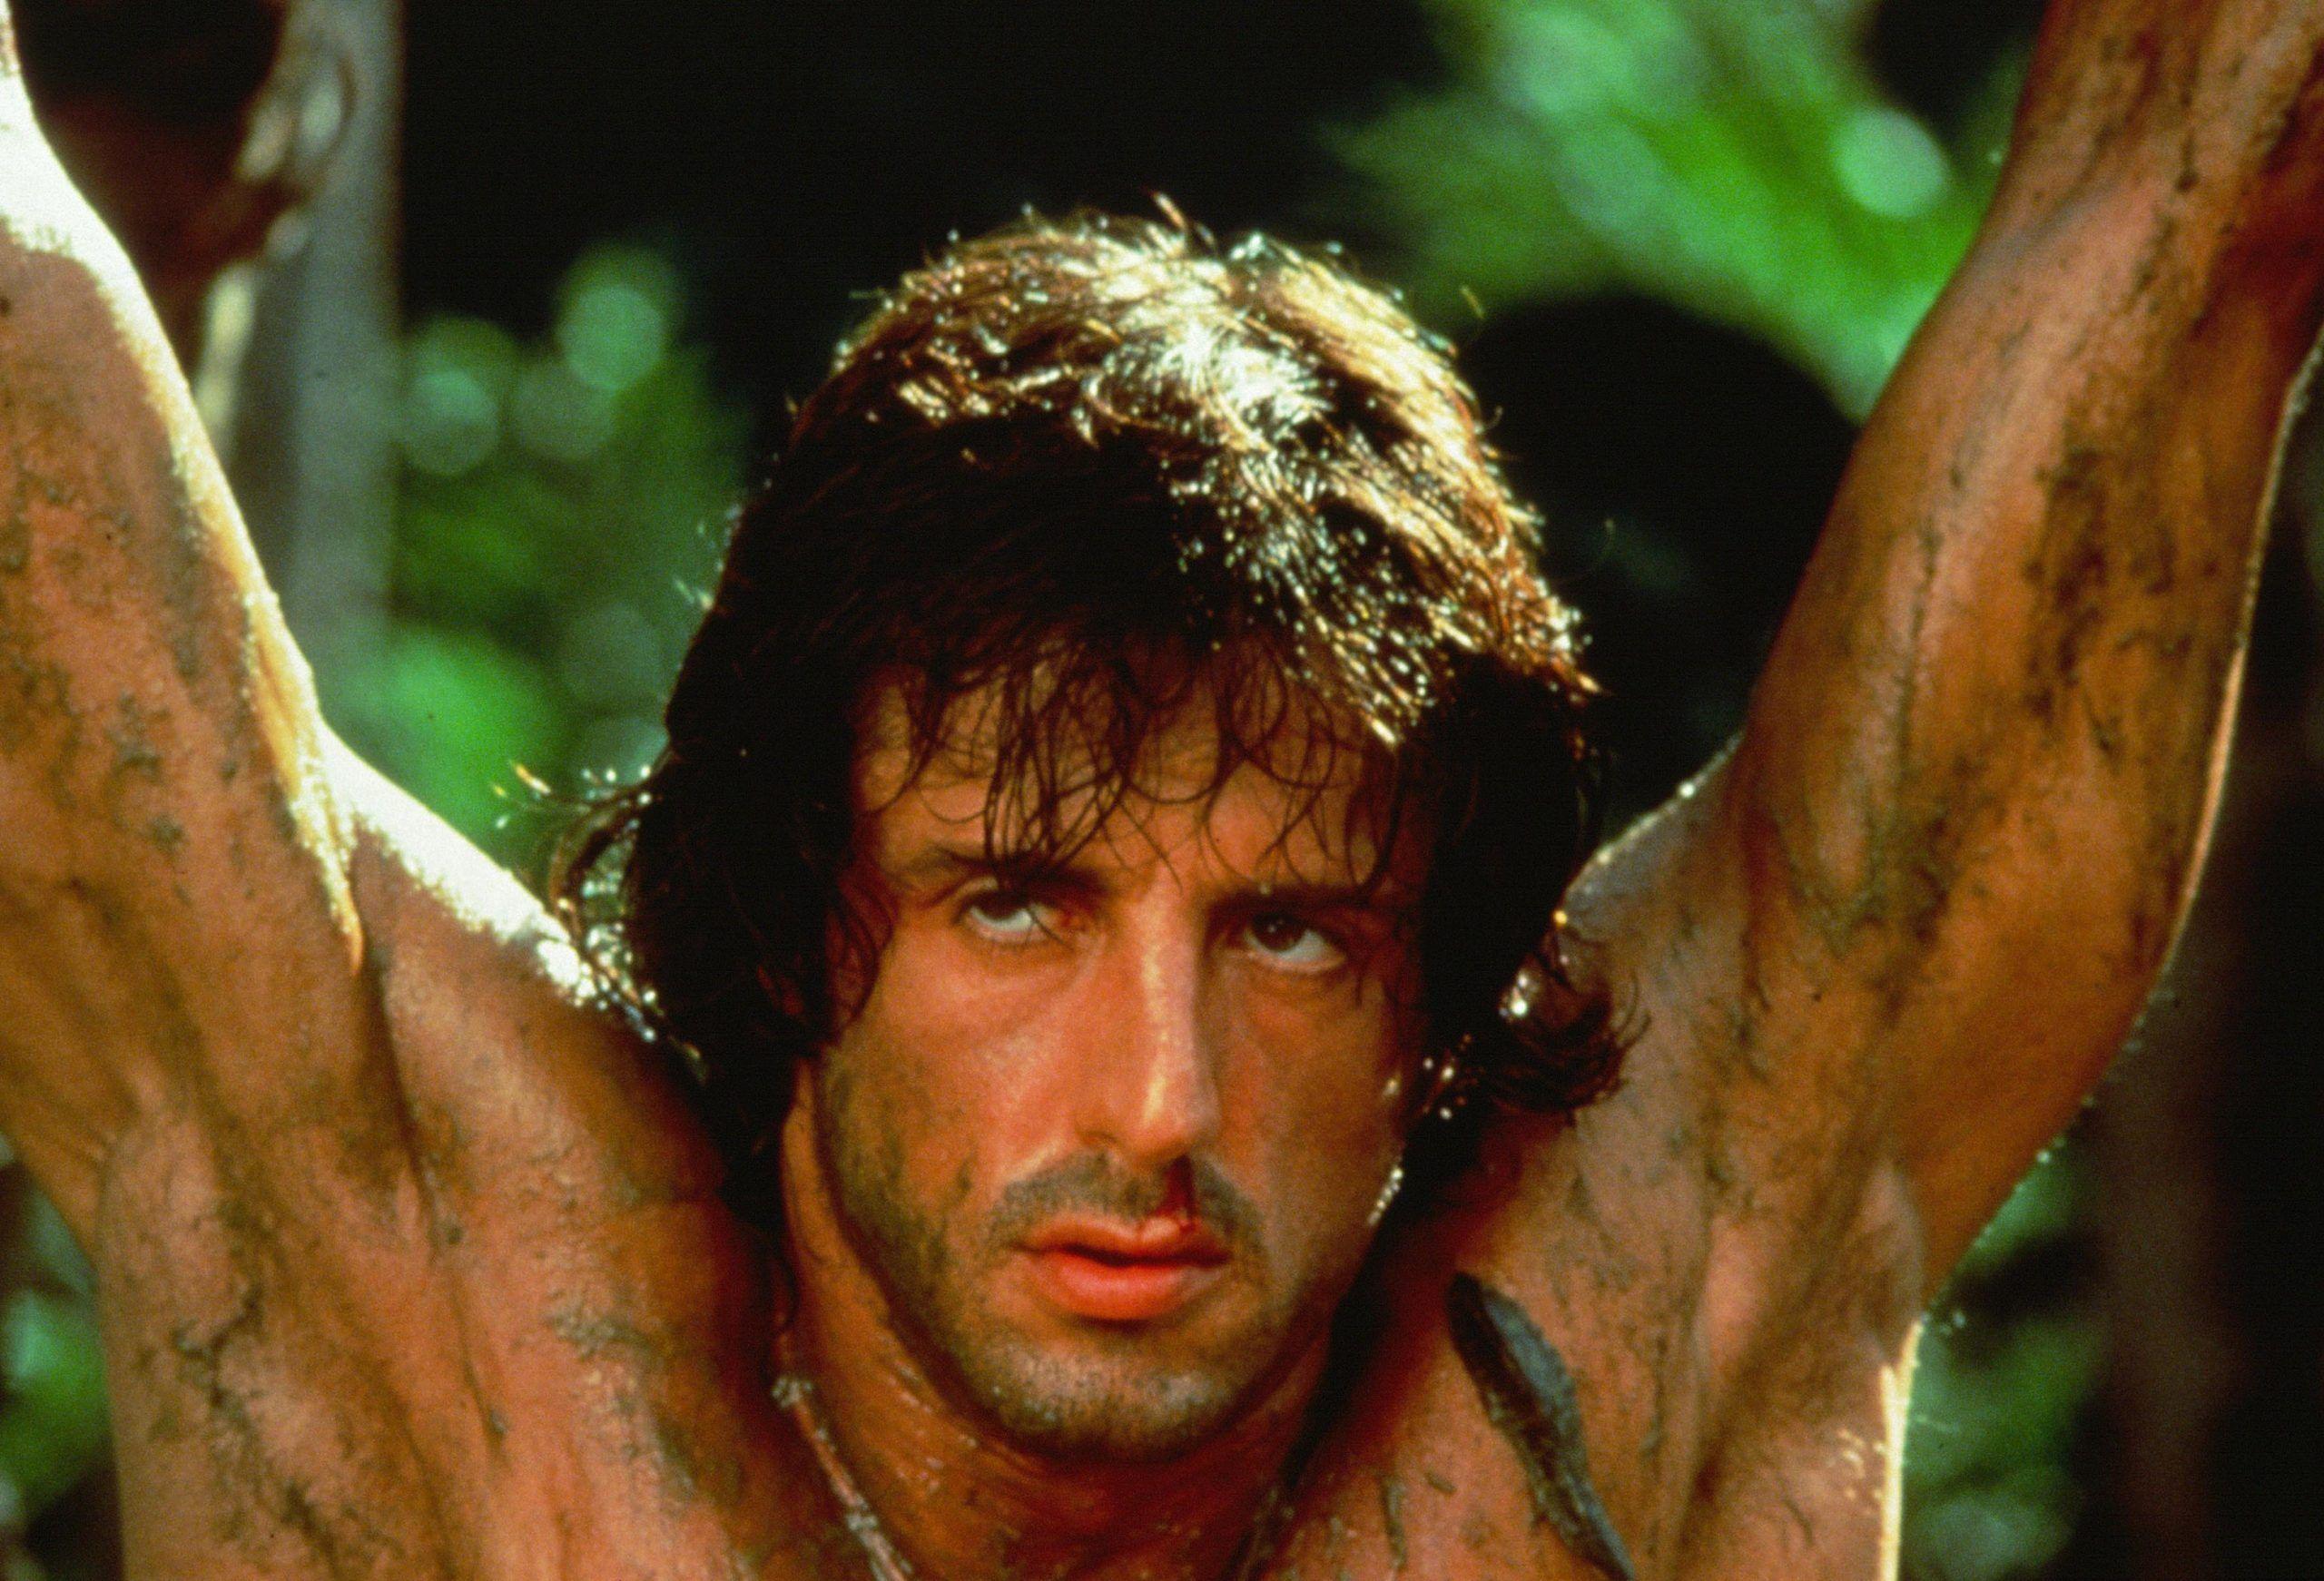 Rambo 5: Last Blood sarà il titolo dell'ultimo film della saga con Sylvester Stallone